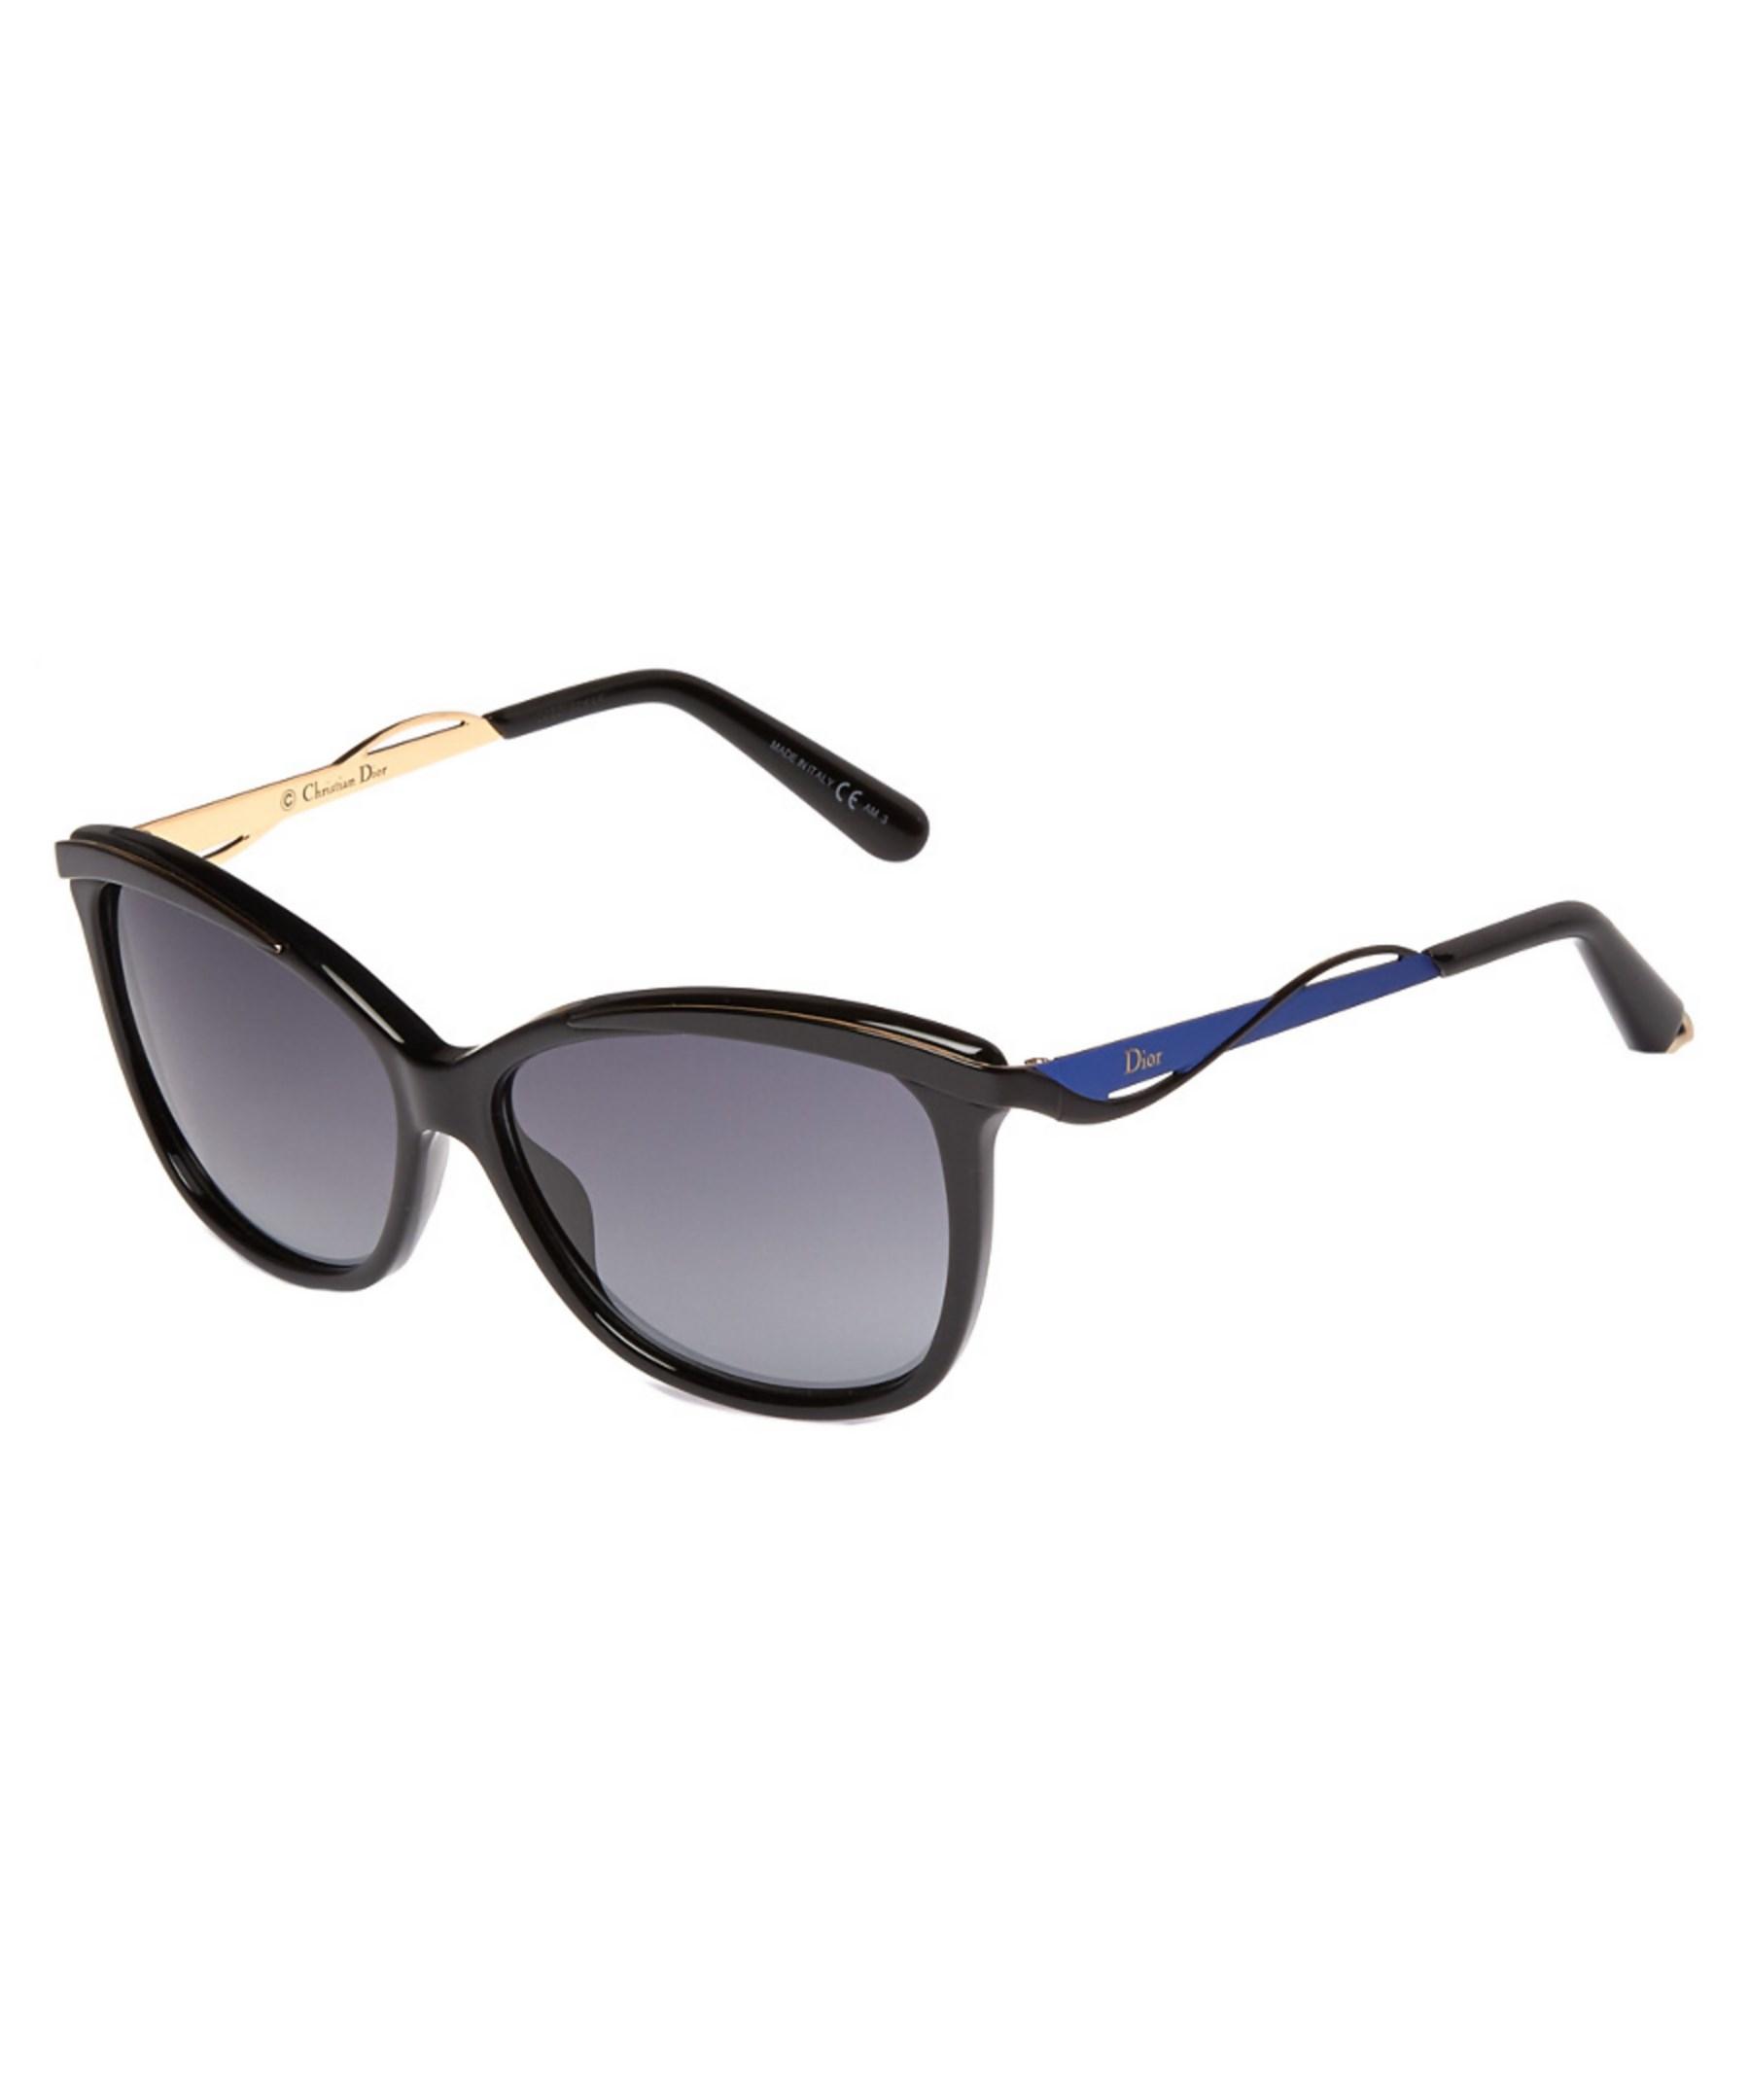 59ea03fbcbbc Dior Metallic 2 Sunglasses